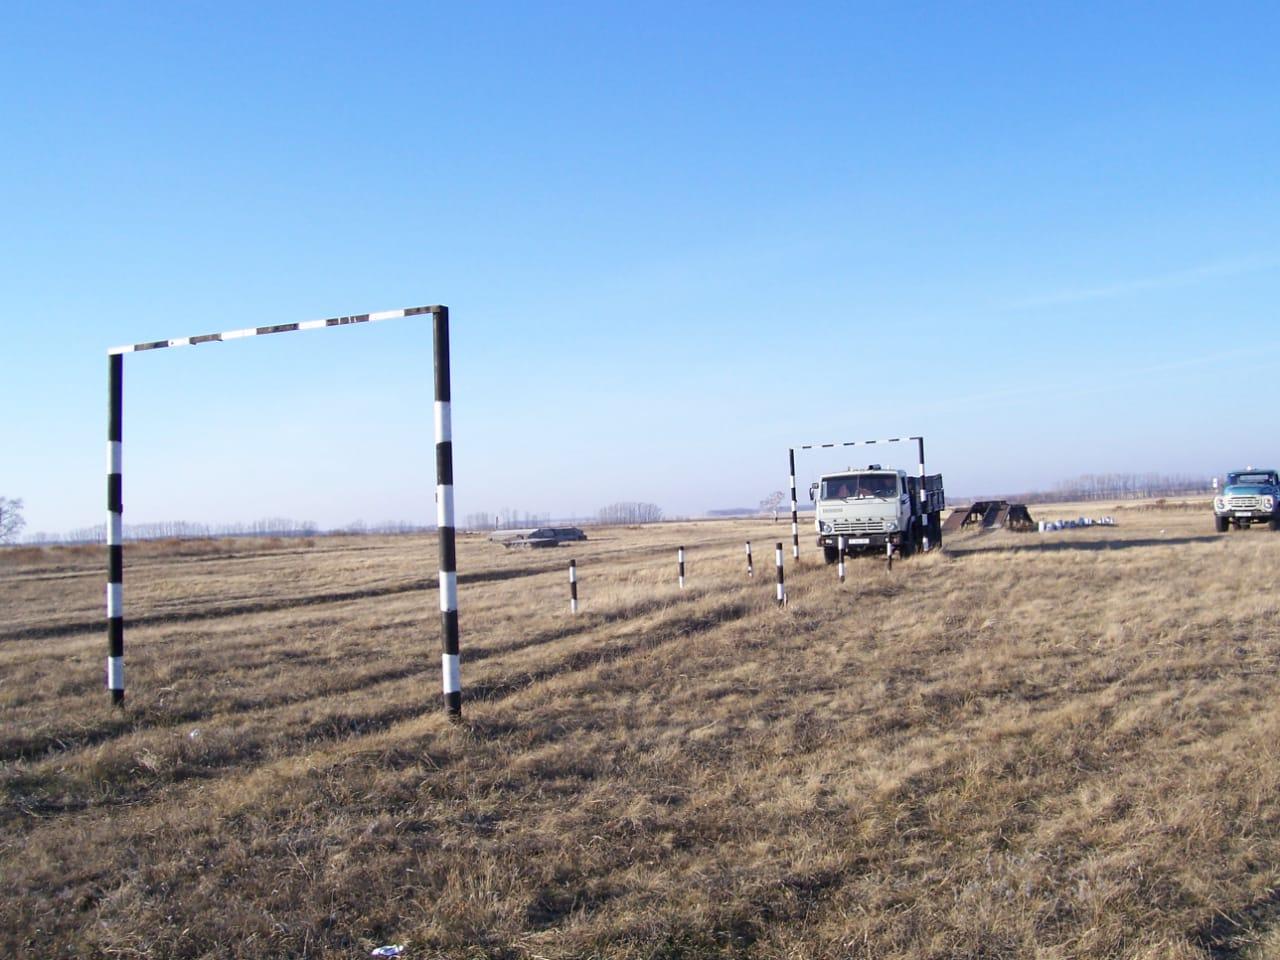 Кызылжарский агротехнический колледж на севере Казахстана перестанет существовать